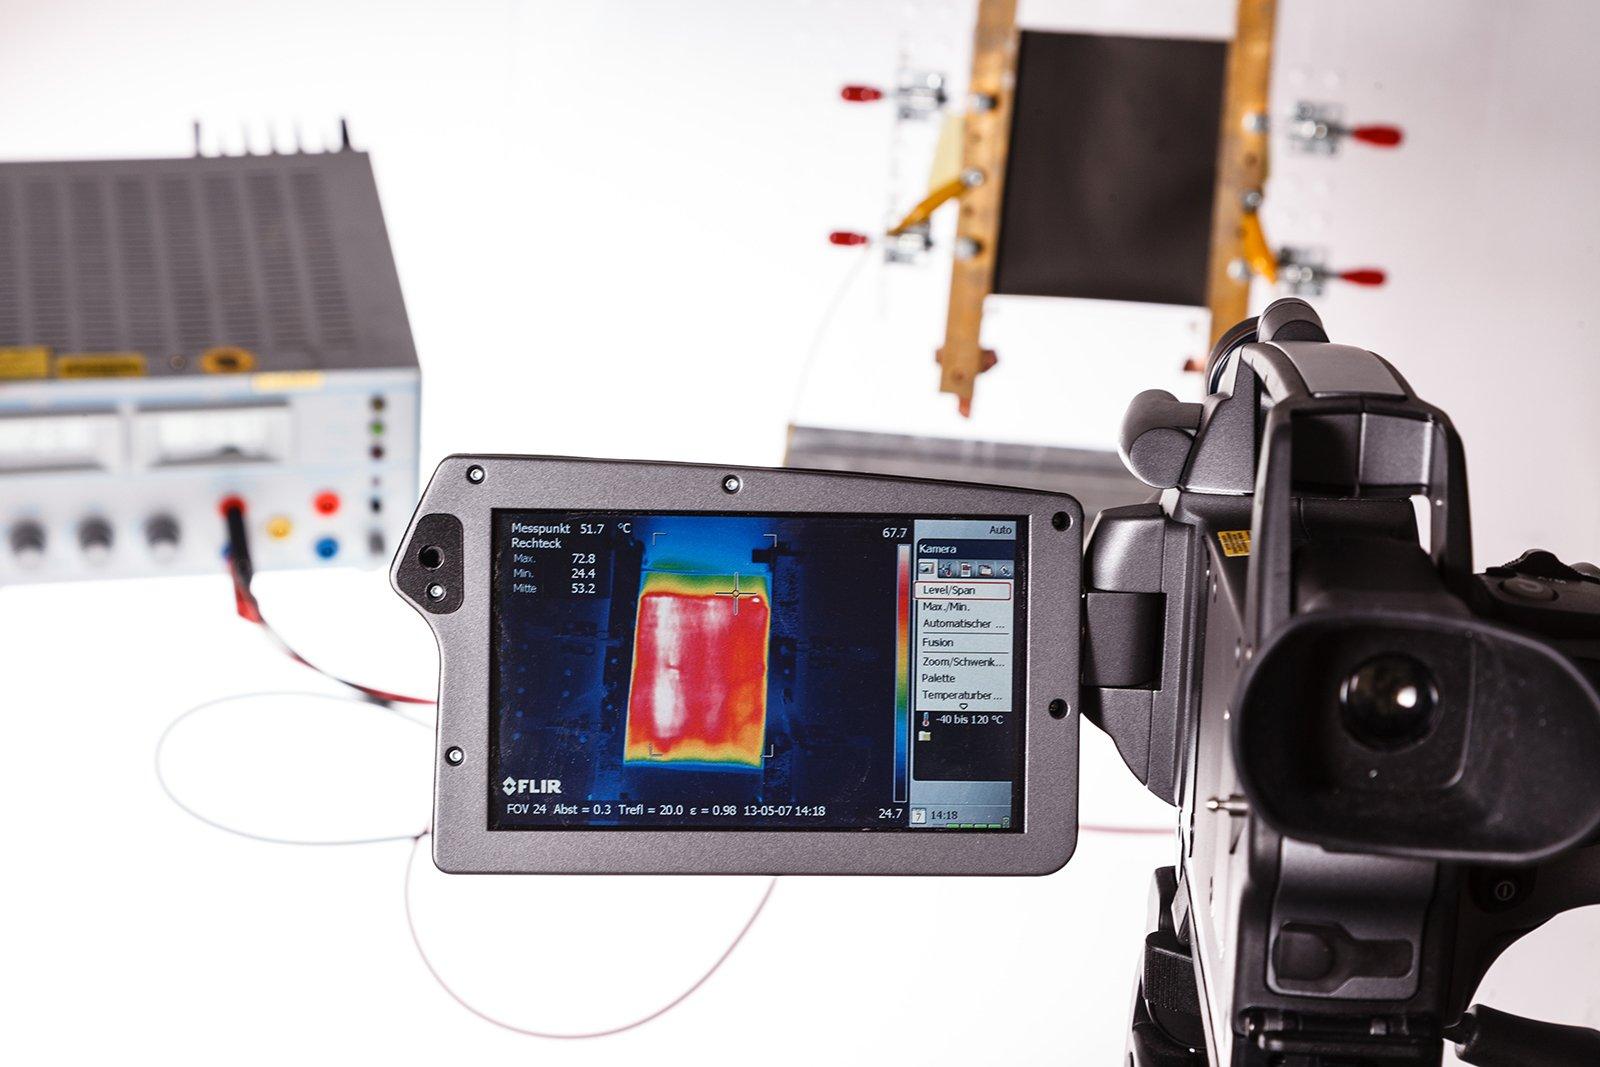 Um die Heizwirkung der Folien für Pkw zu analysieren, schlossen die Forscher sie an eine Spannungsquelle an und beobachteten sie mit einer Thermokamera.